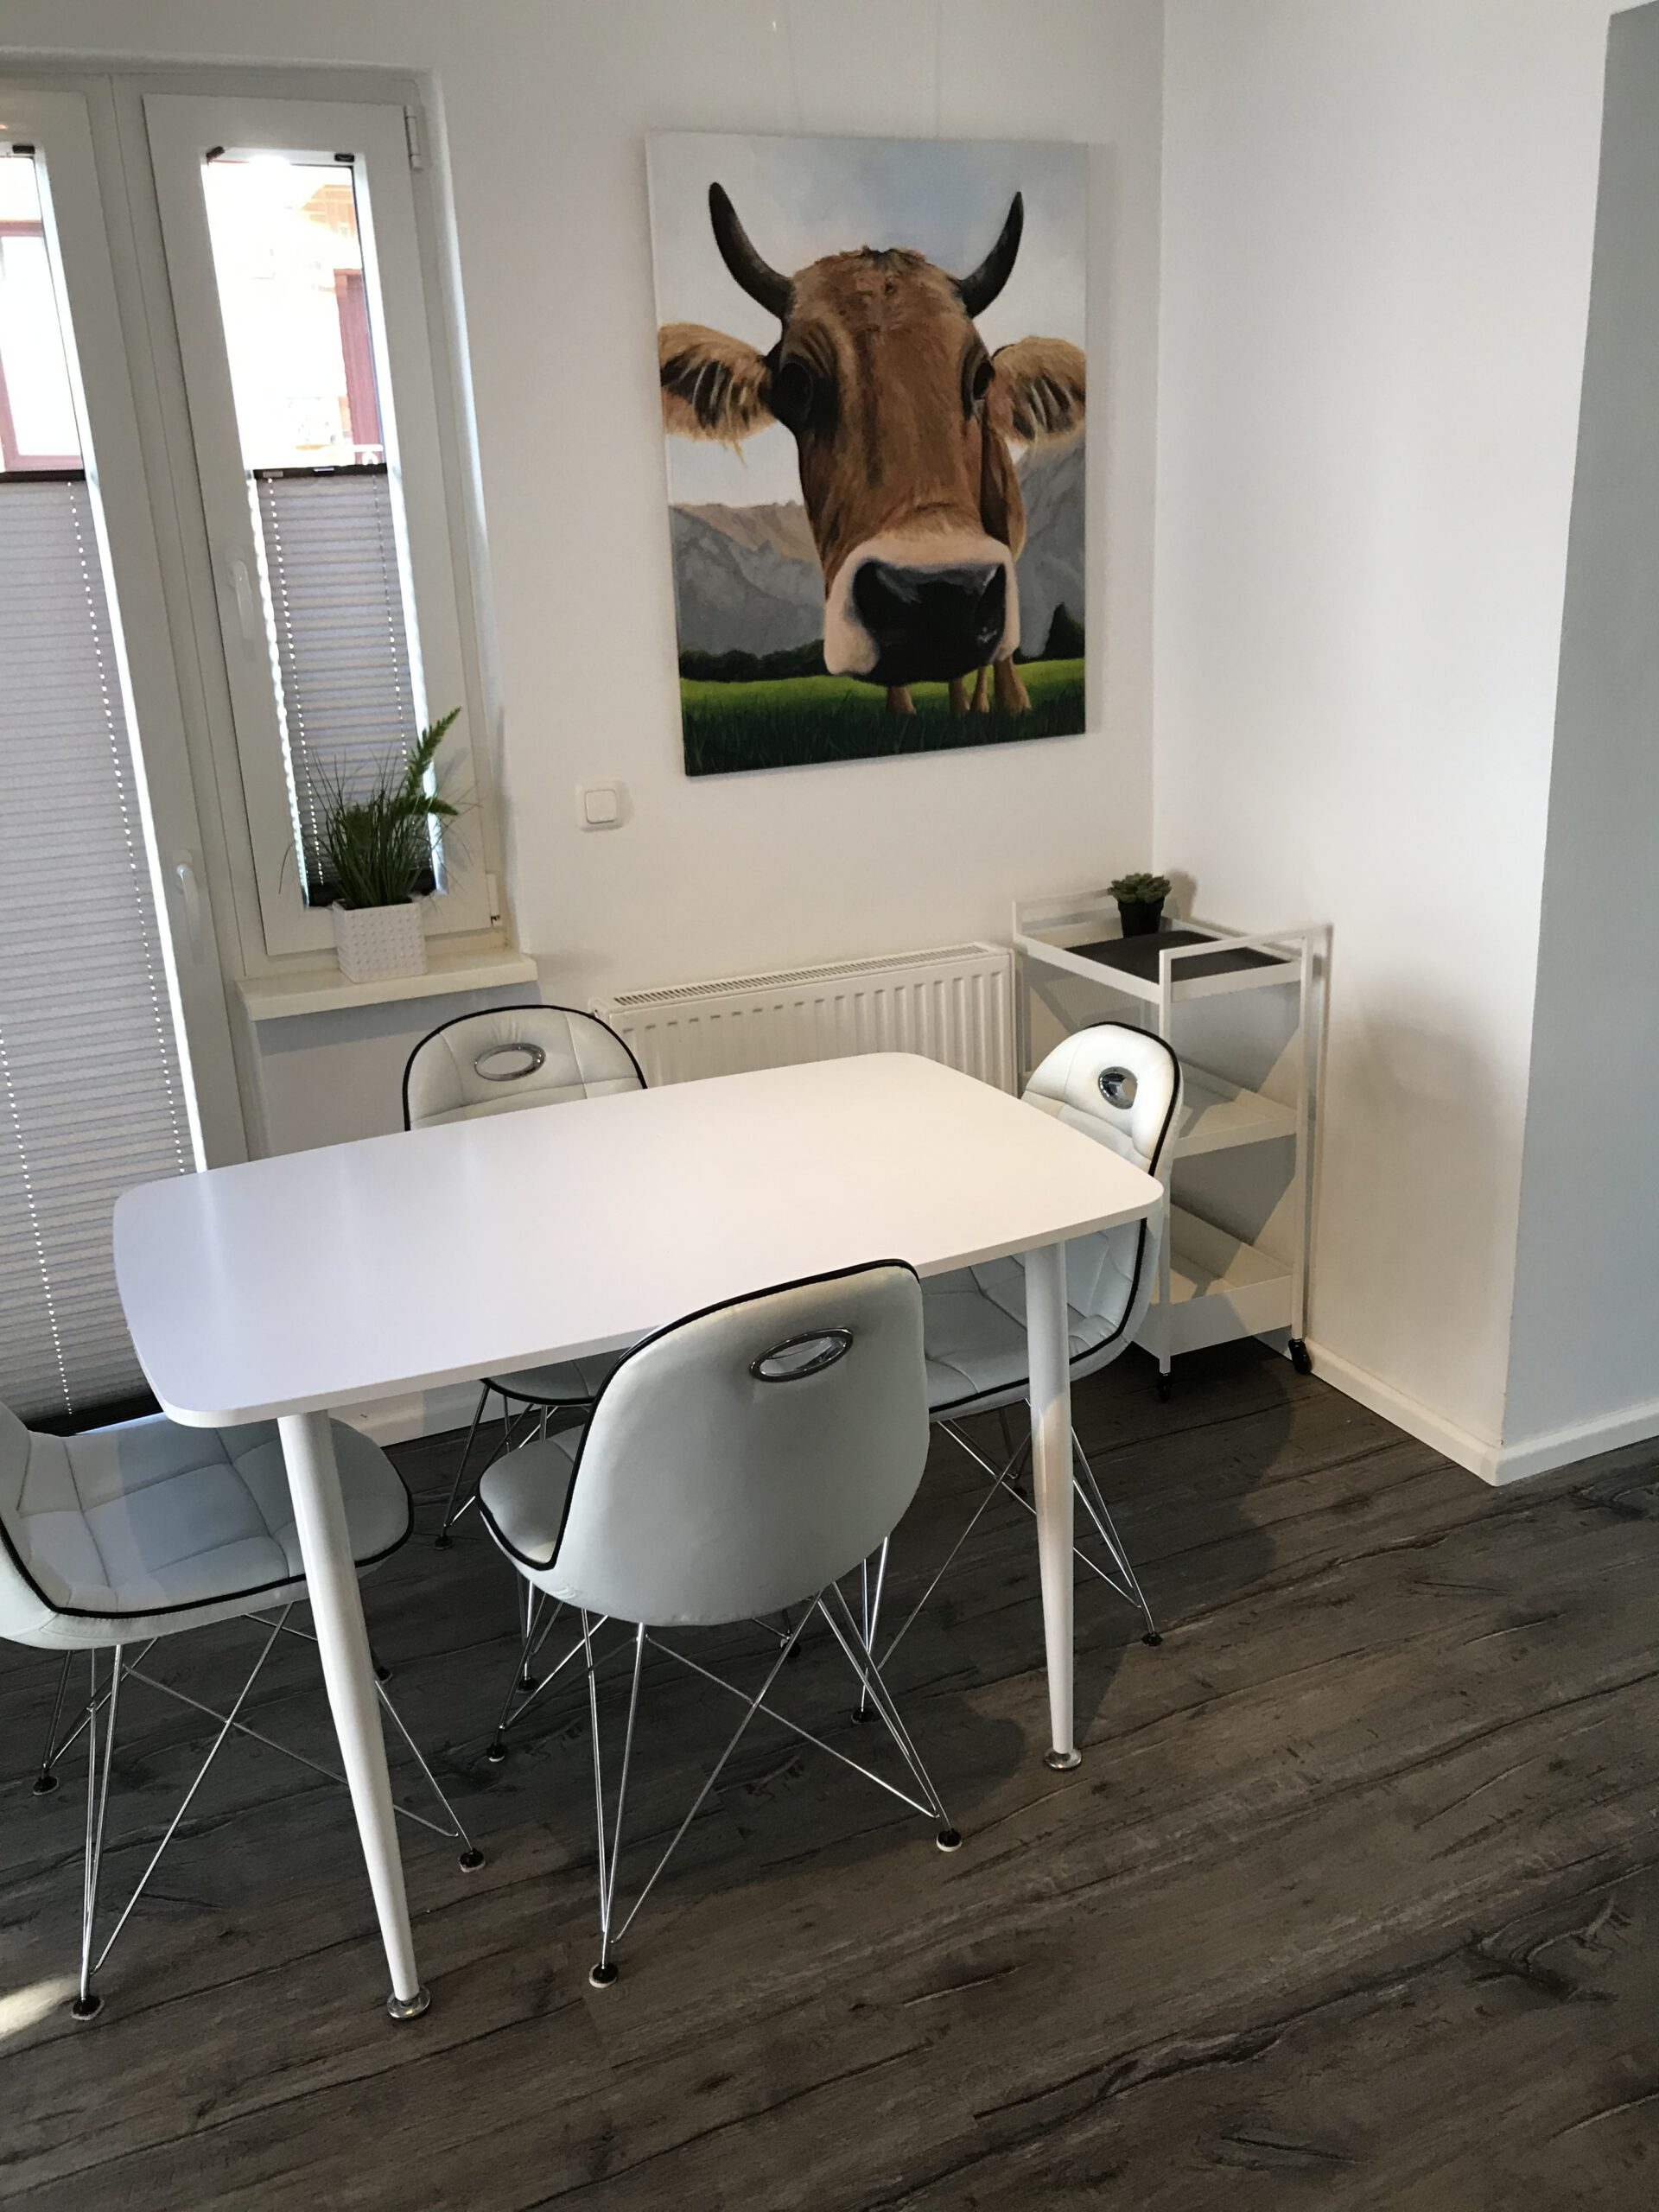 Ein kleiner Tisch für den schnellen Snack zwischendurch oder einfach nur als Arbeitsfläche für weitere Küchenhelfer.